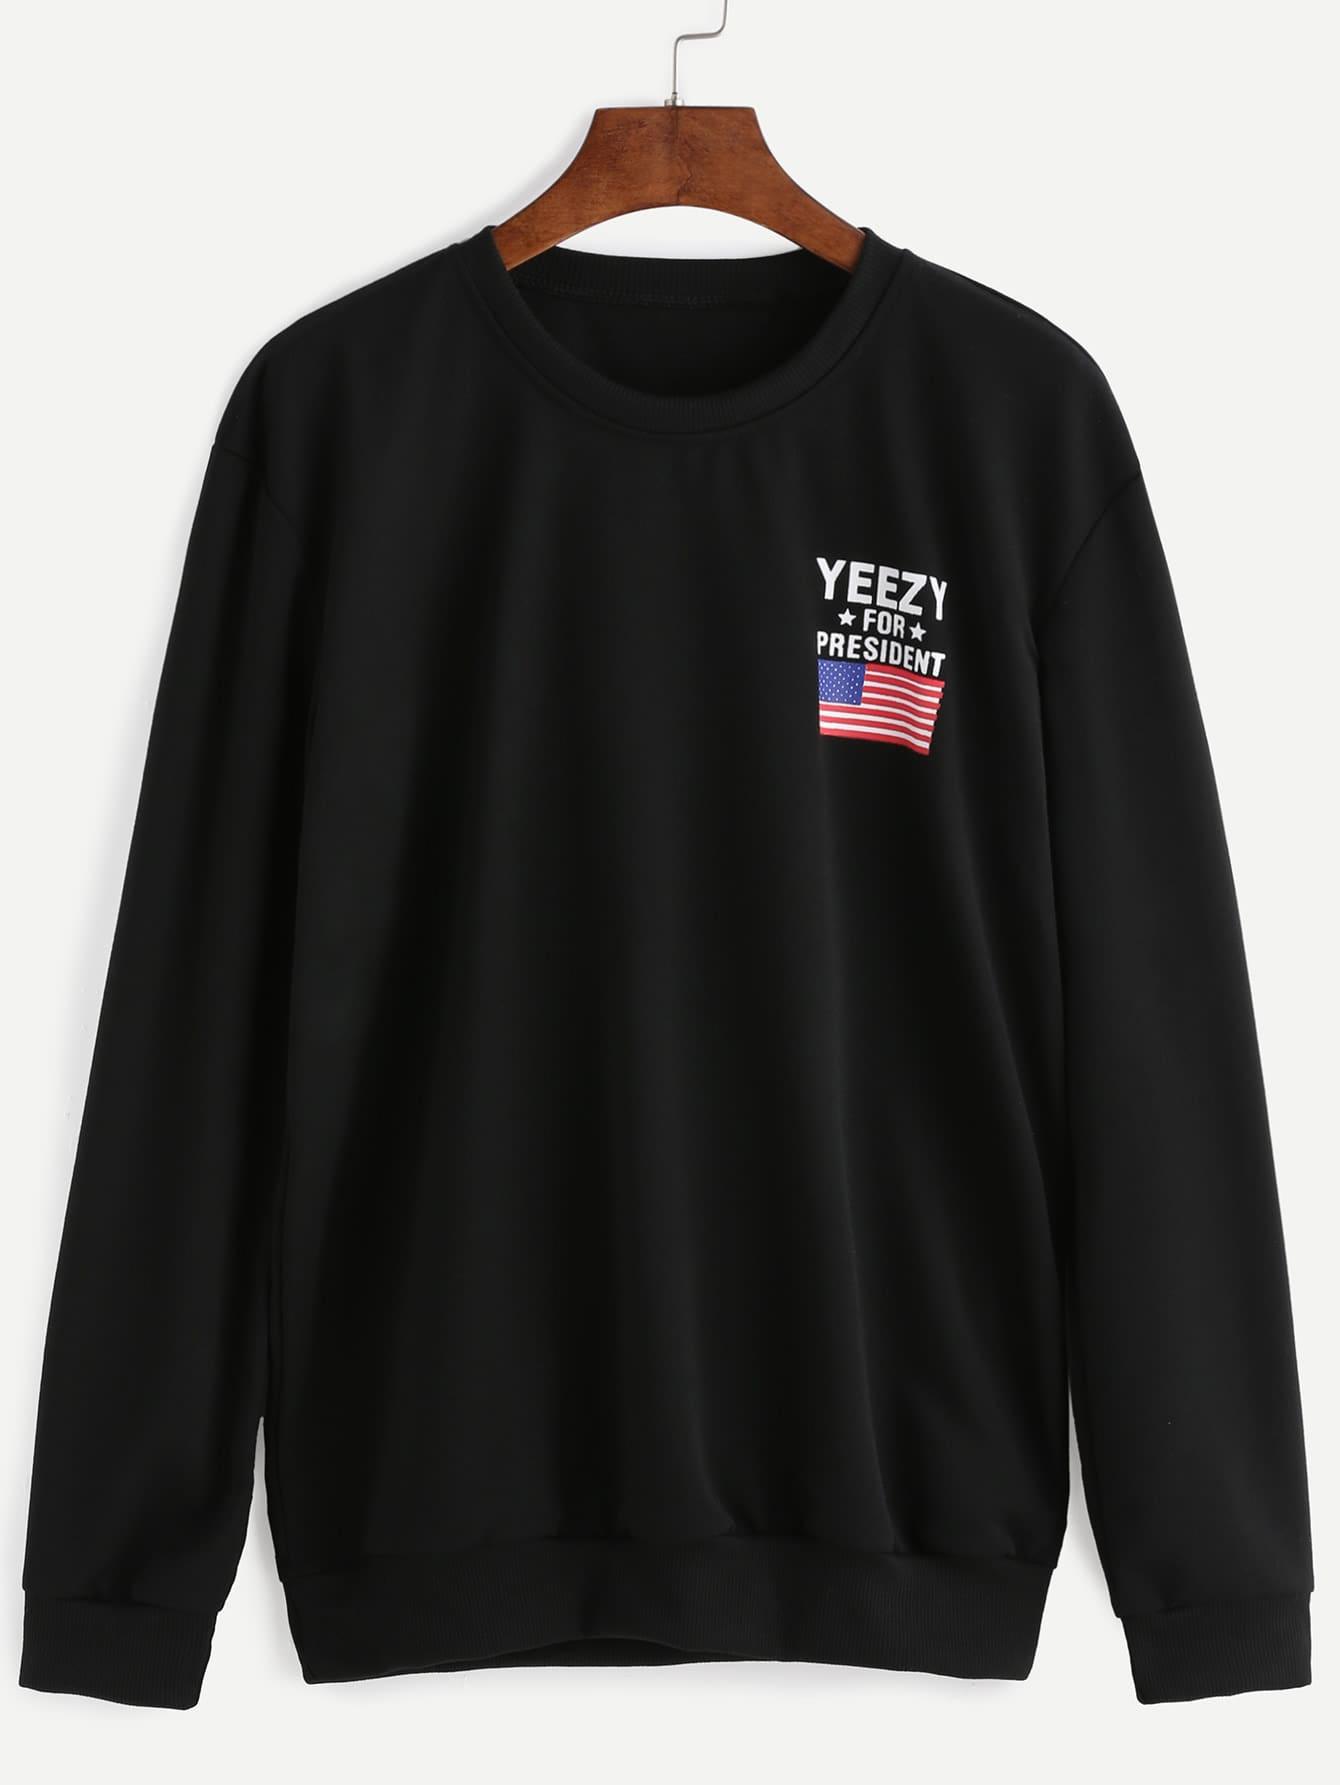 Sweatshirts from sweatshop fallacies